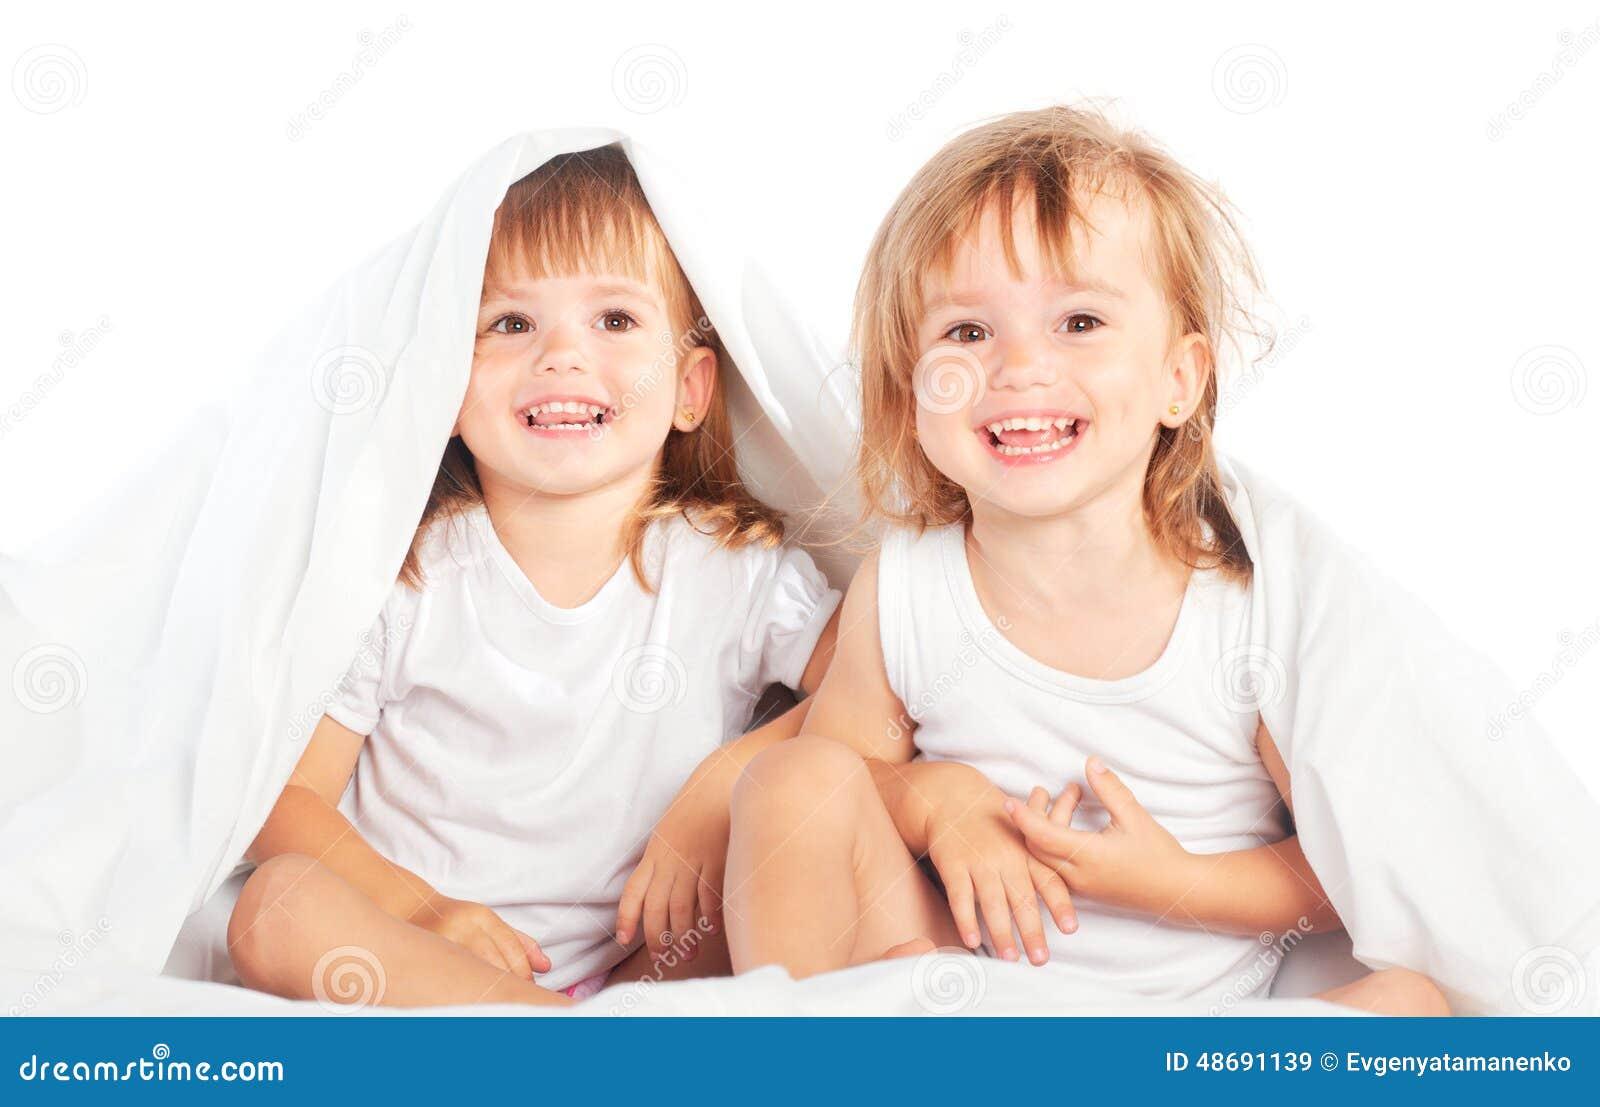 Сестры в постели 11 фотография